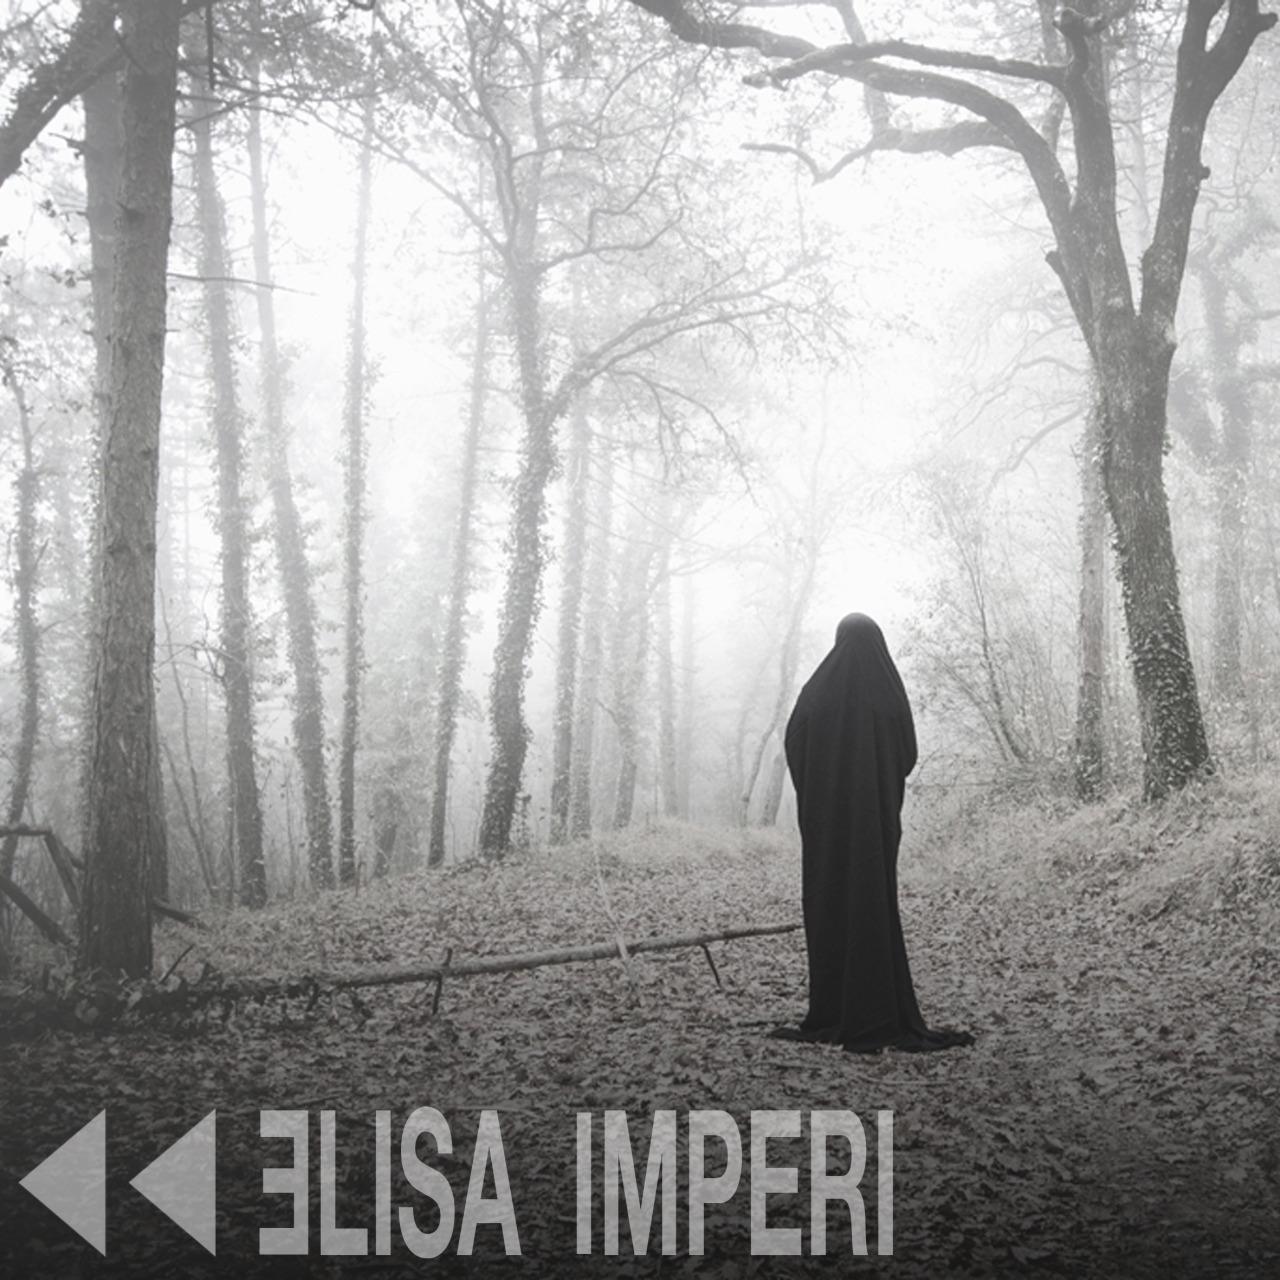 Elisa Imperi